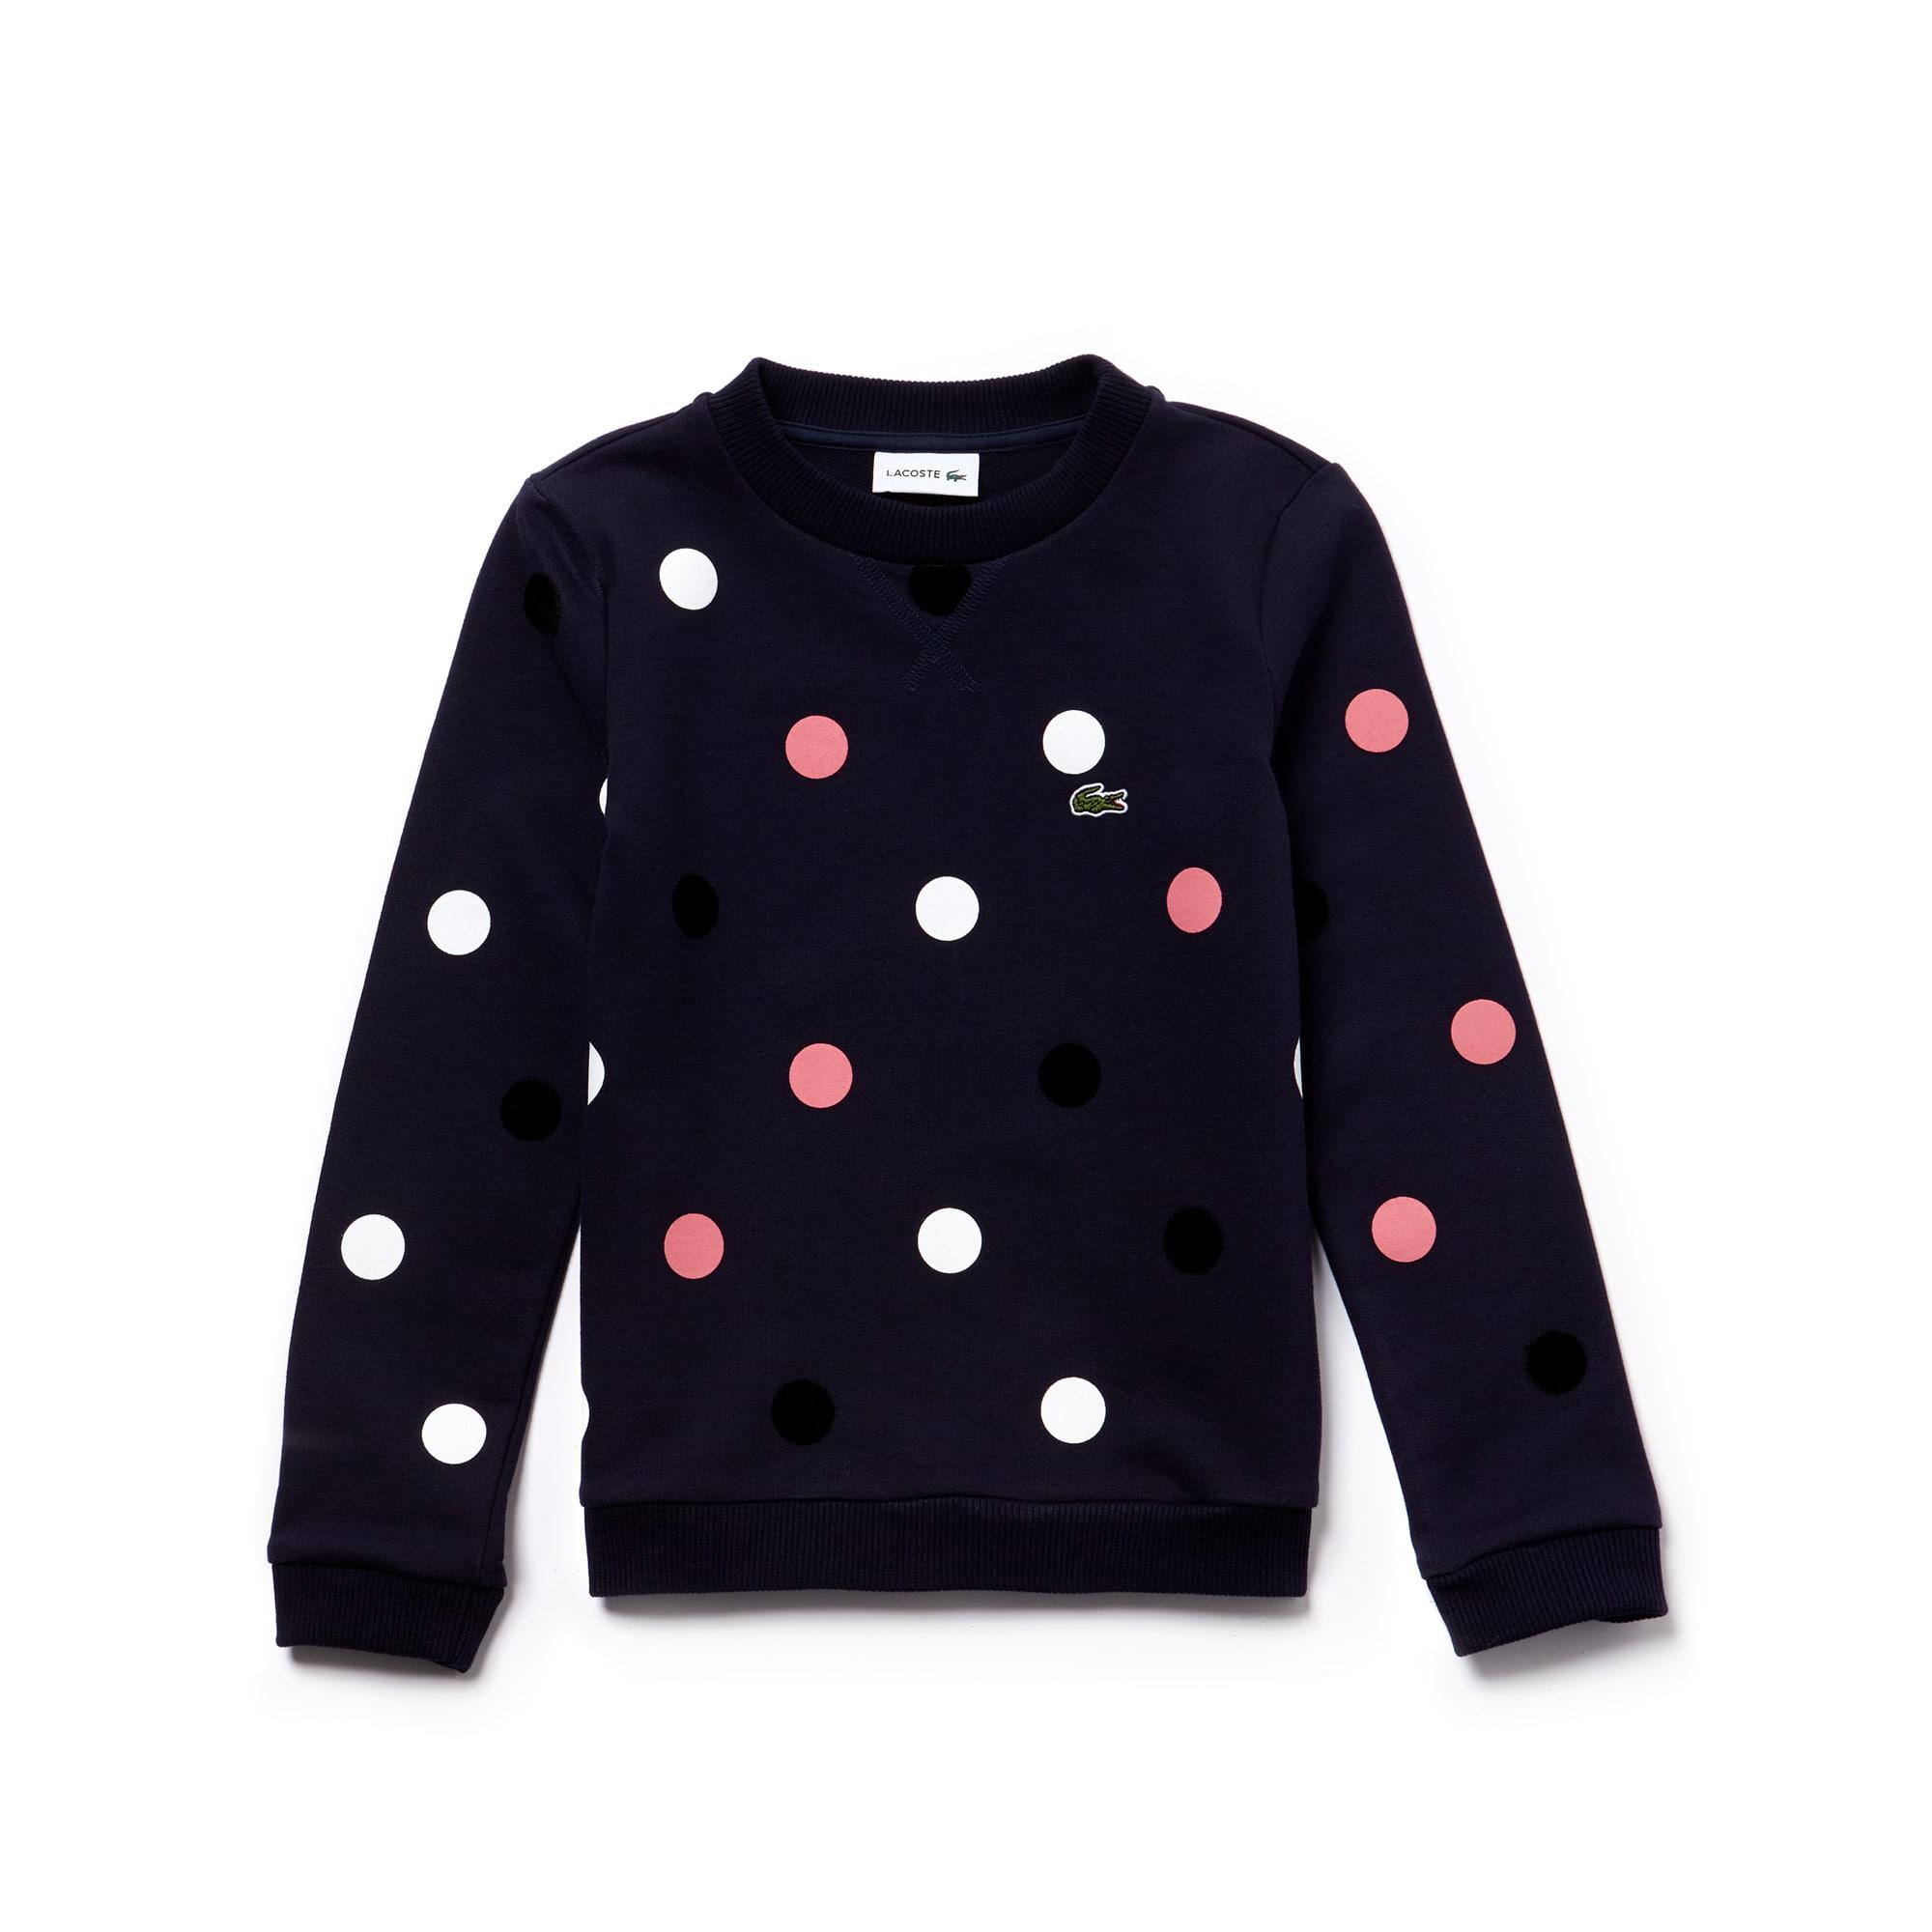 Sweatshirt Menina em moletão de algodão stretch às pintas